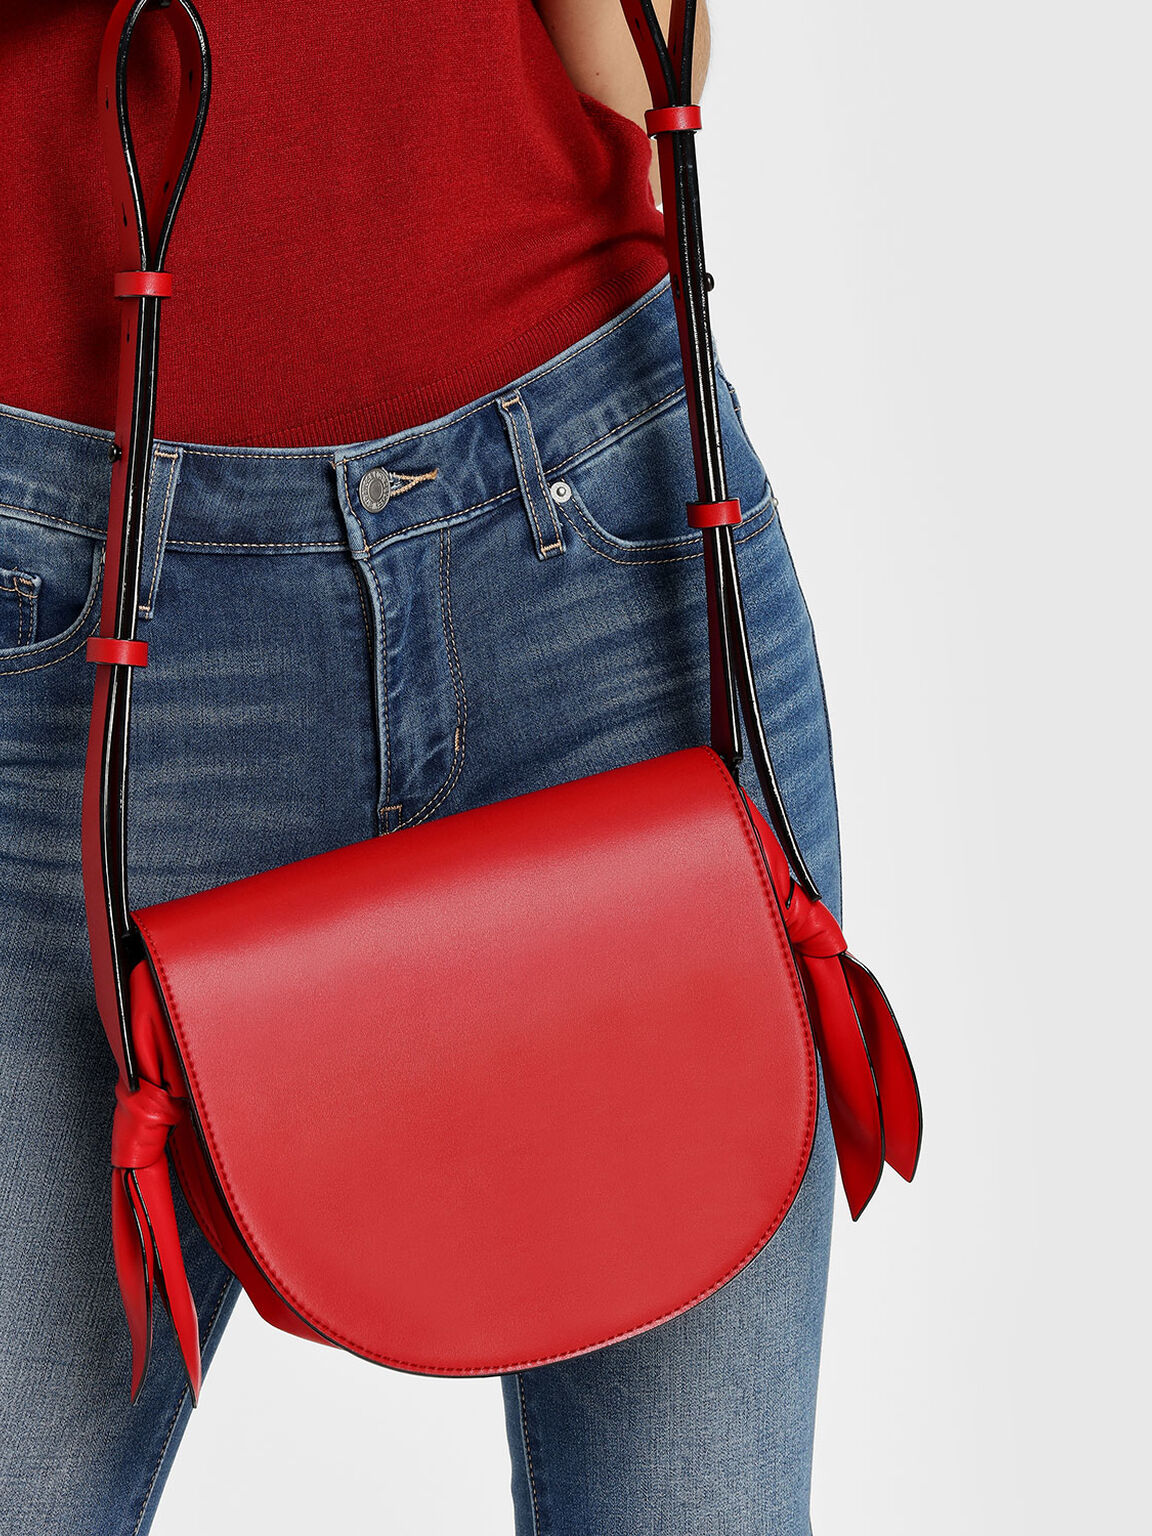 Knot Details Saddle Bag, Red, hi-res